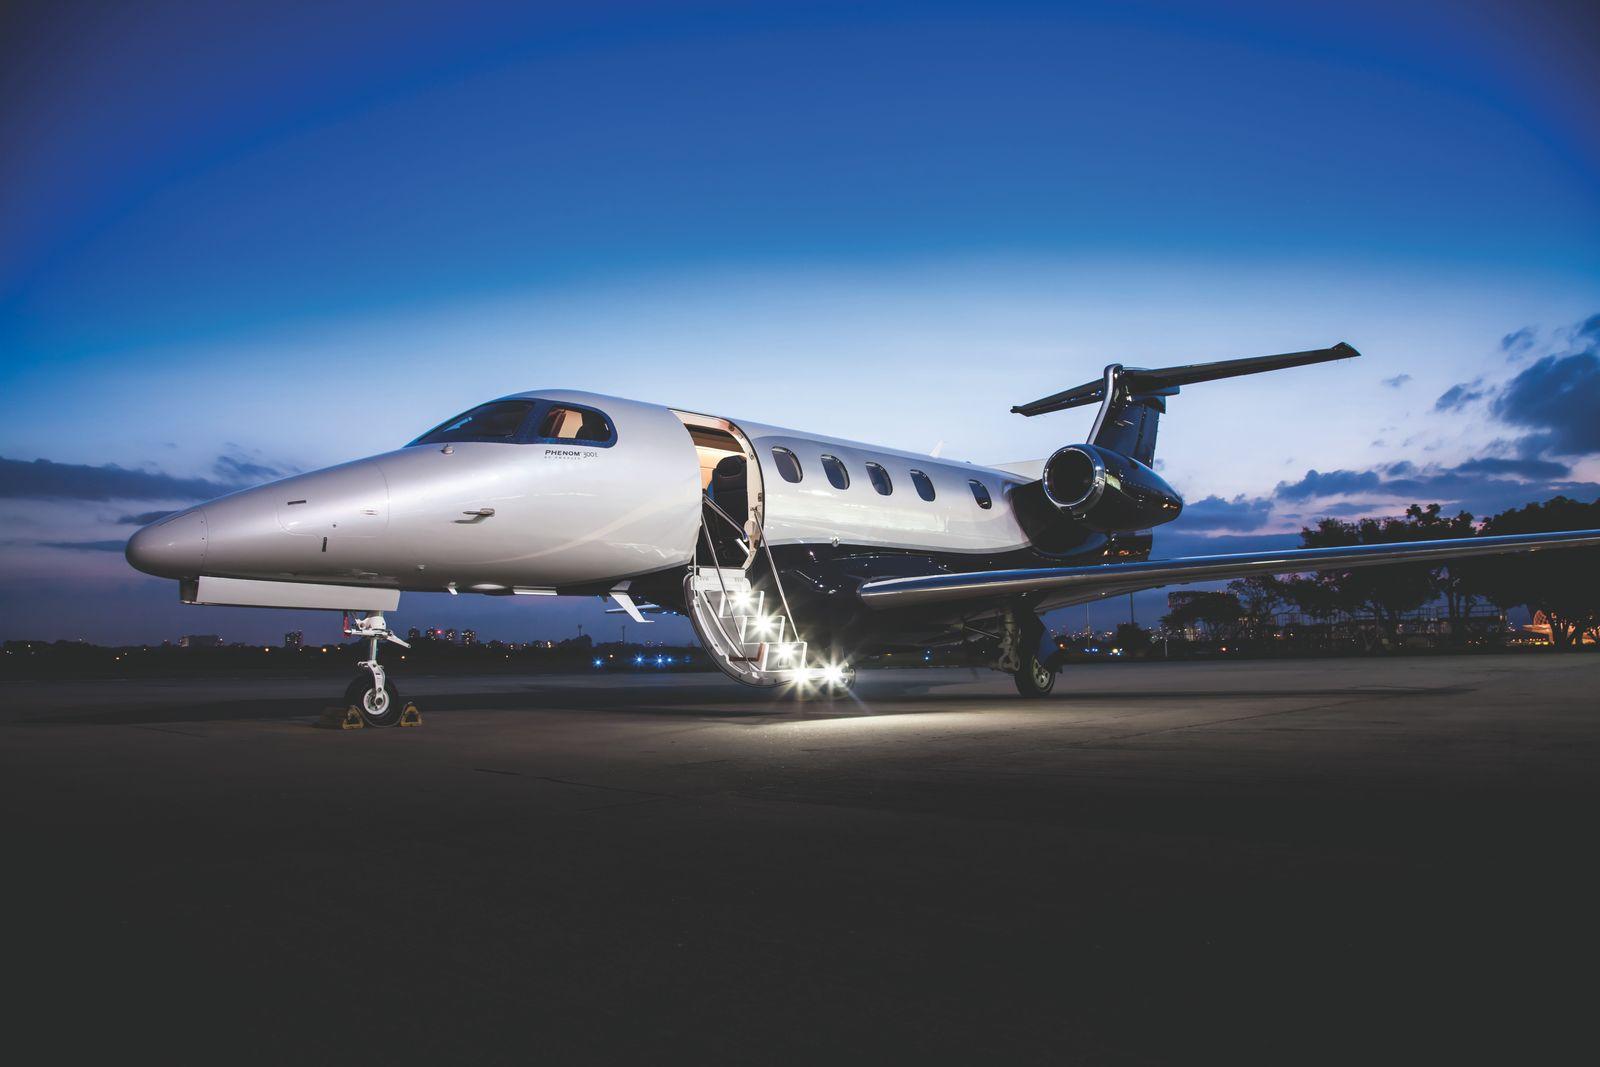 Embraer Phenom 300E